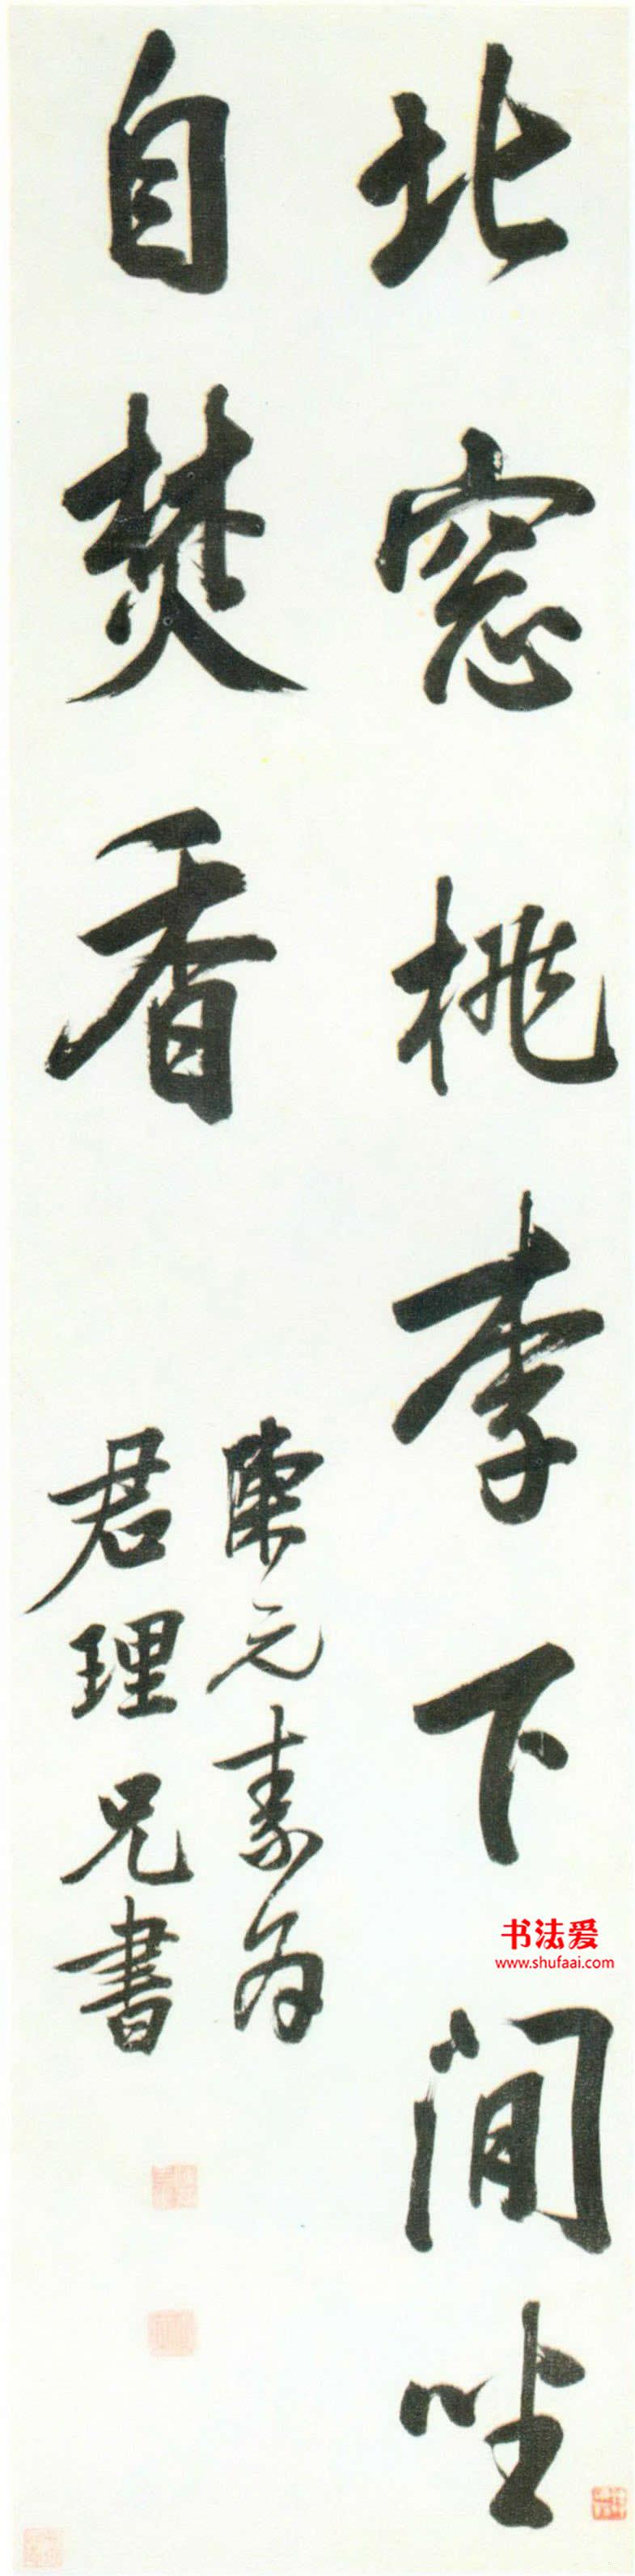 陈元素 行书五言语轴